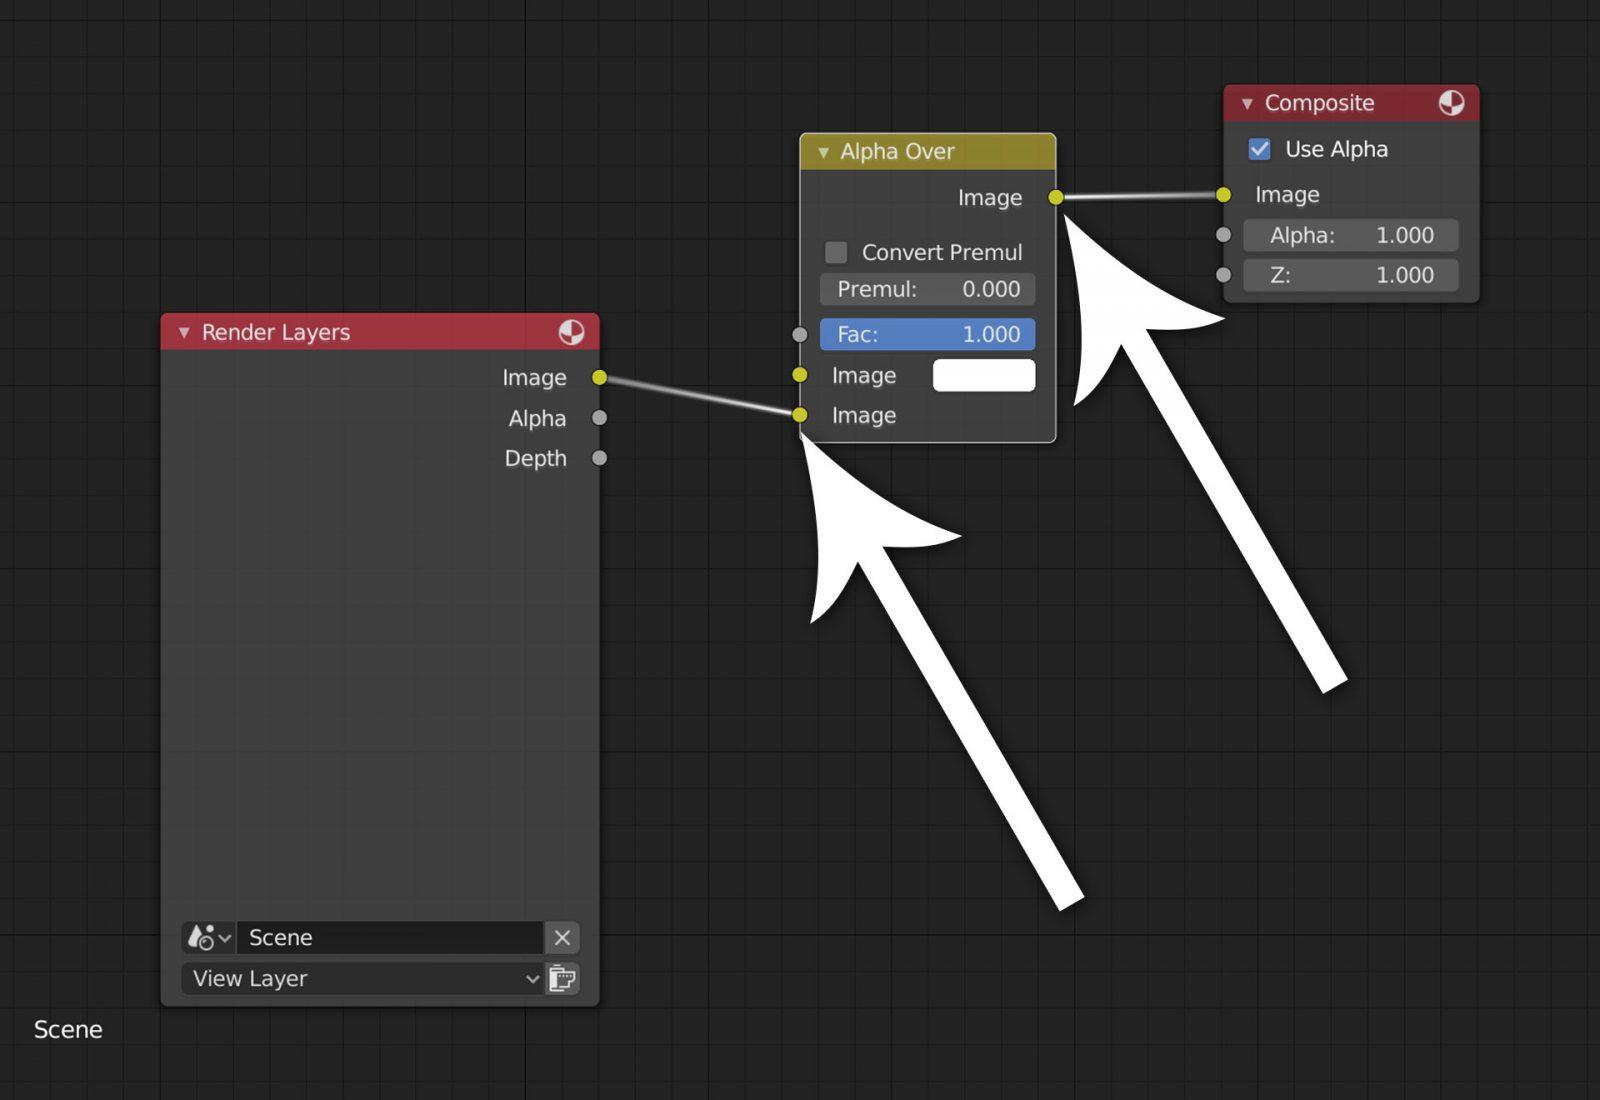 Render a Background Image Using Blender 2.8 - step 12 adjust connections to Alpha Over node